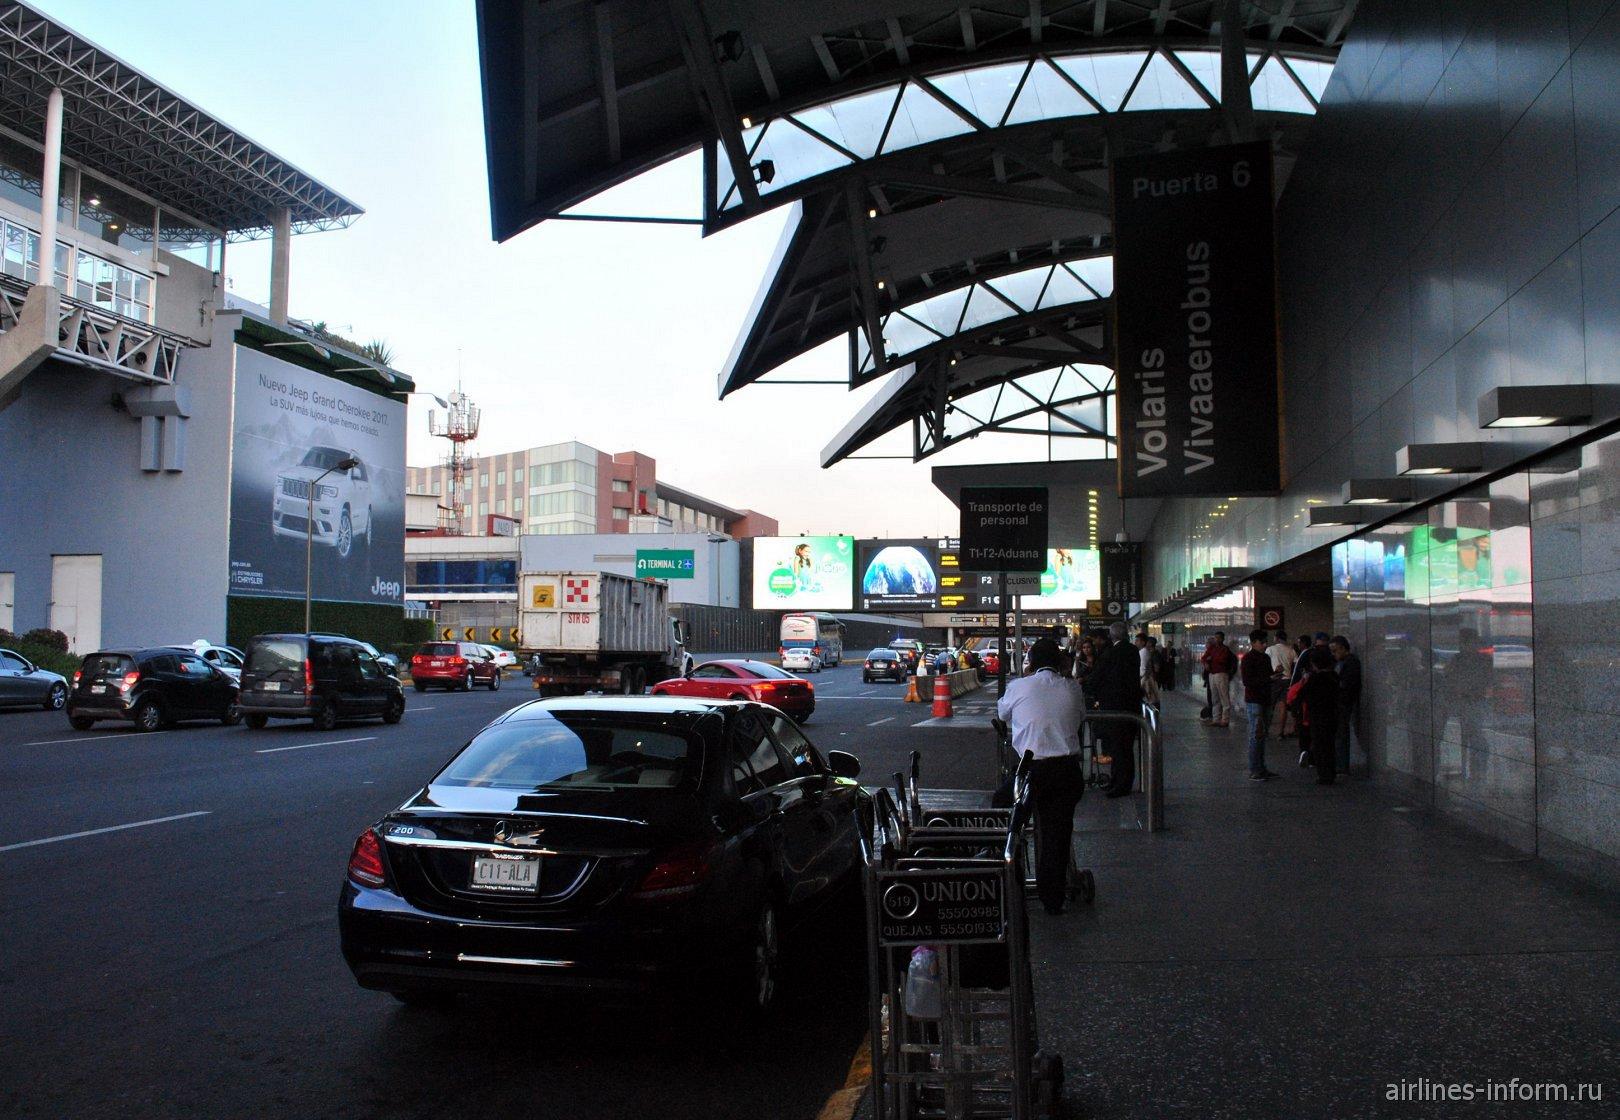 Вход #6 в терминал Т1 аэропорта Мехико Бенито Хуарес